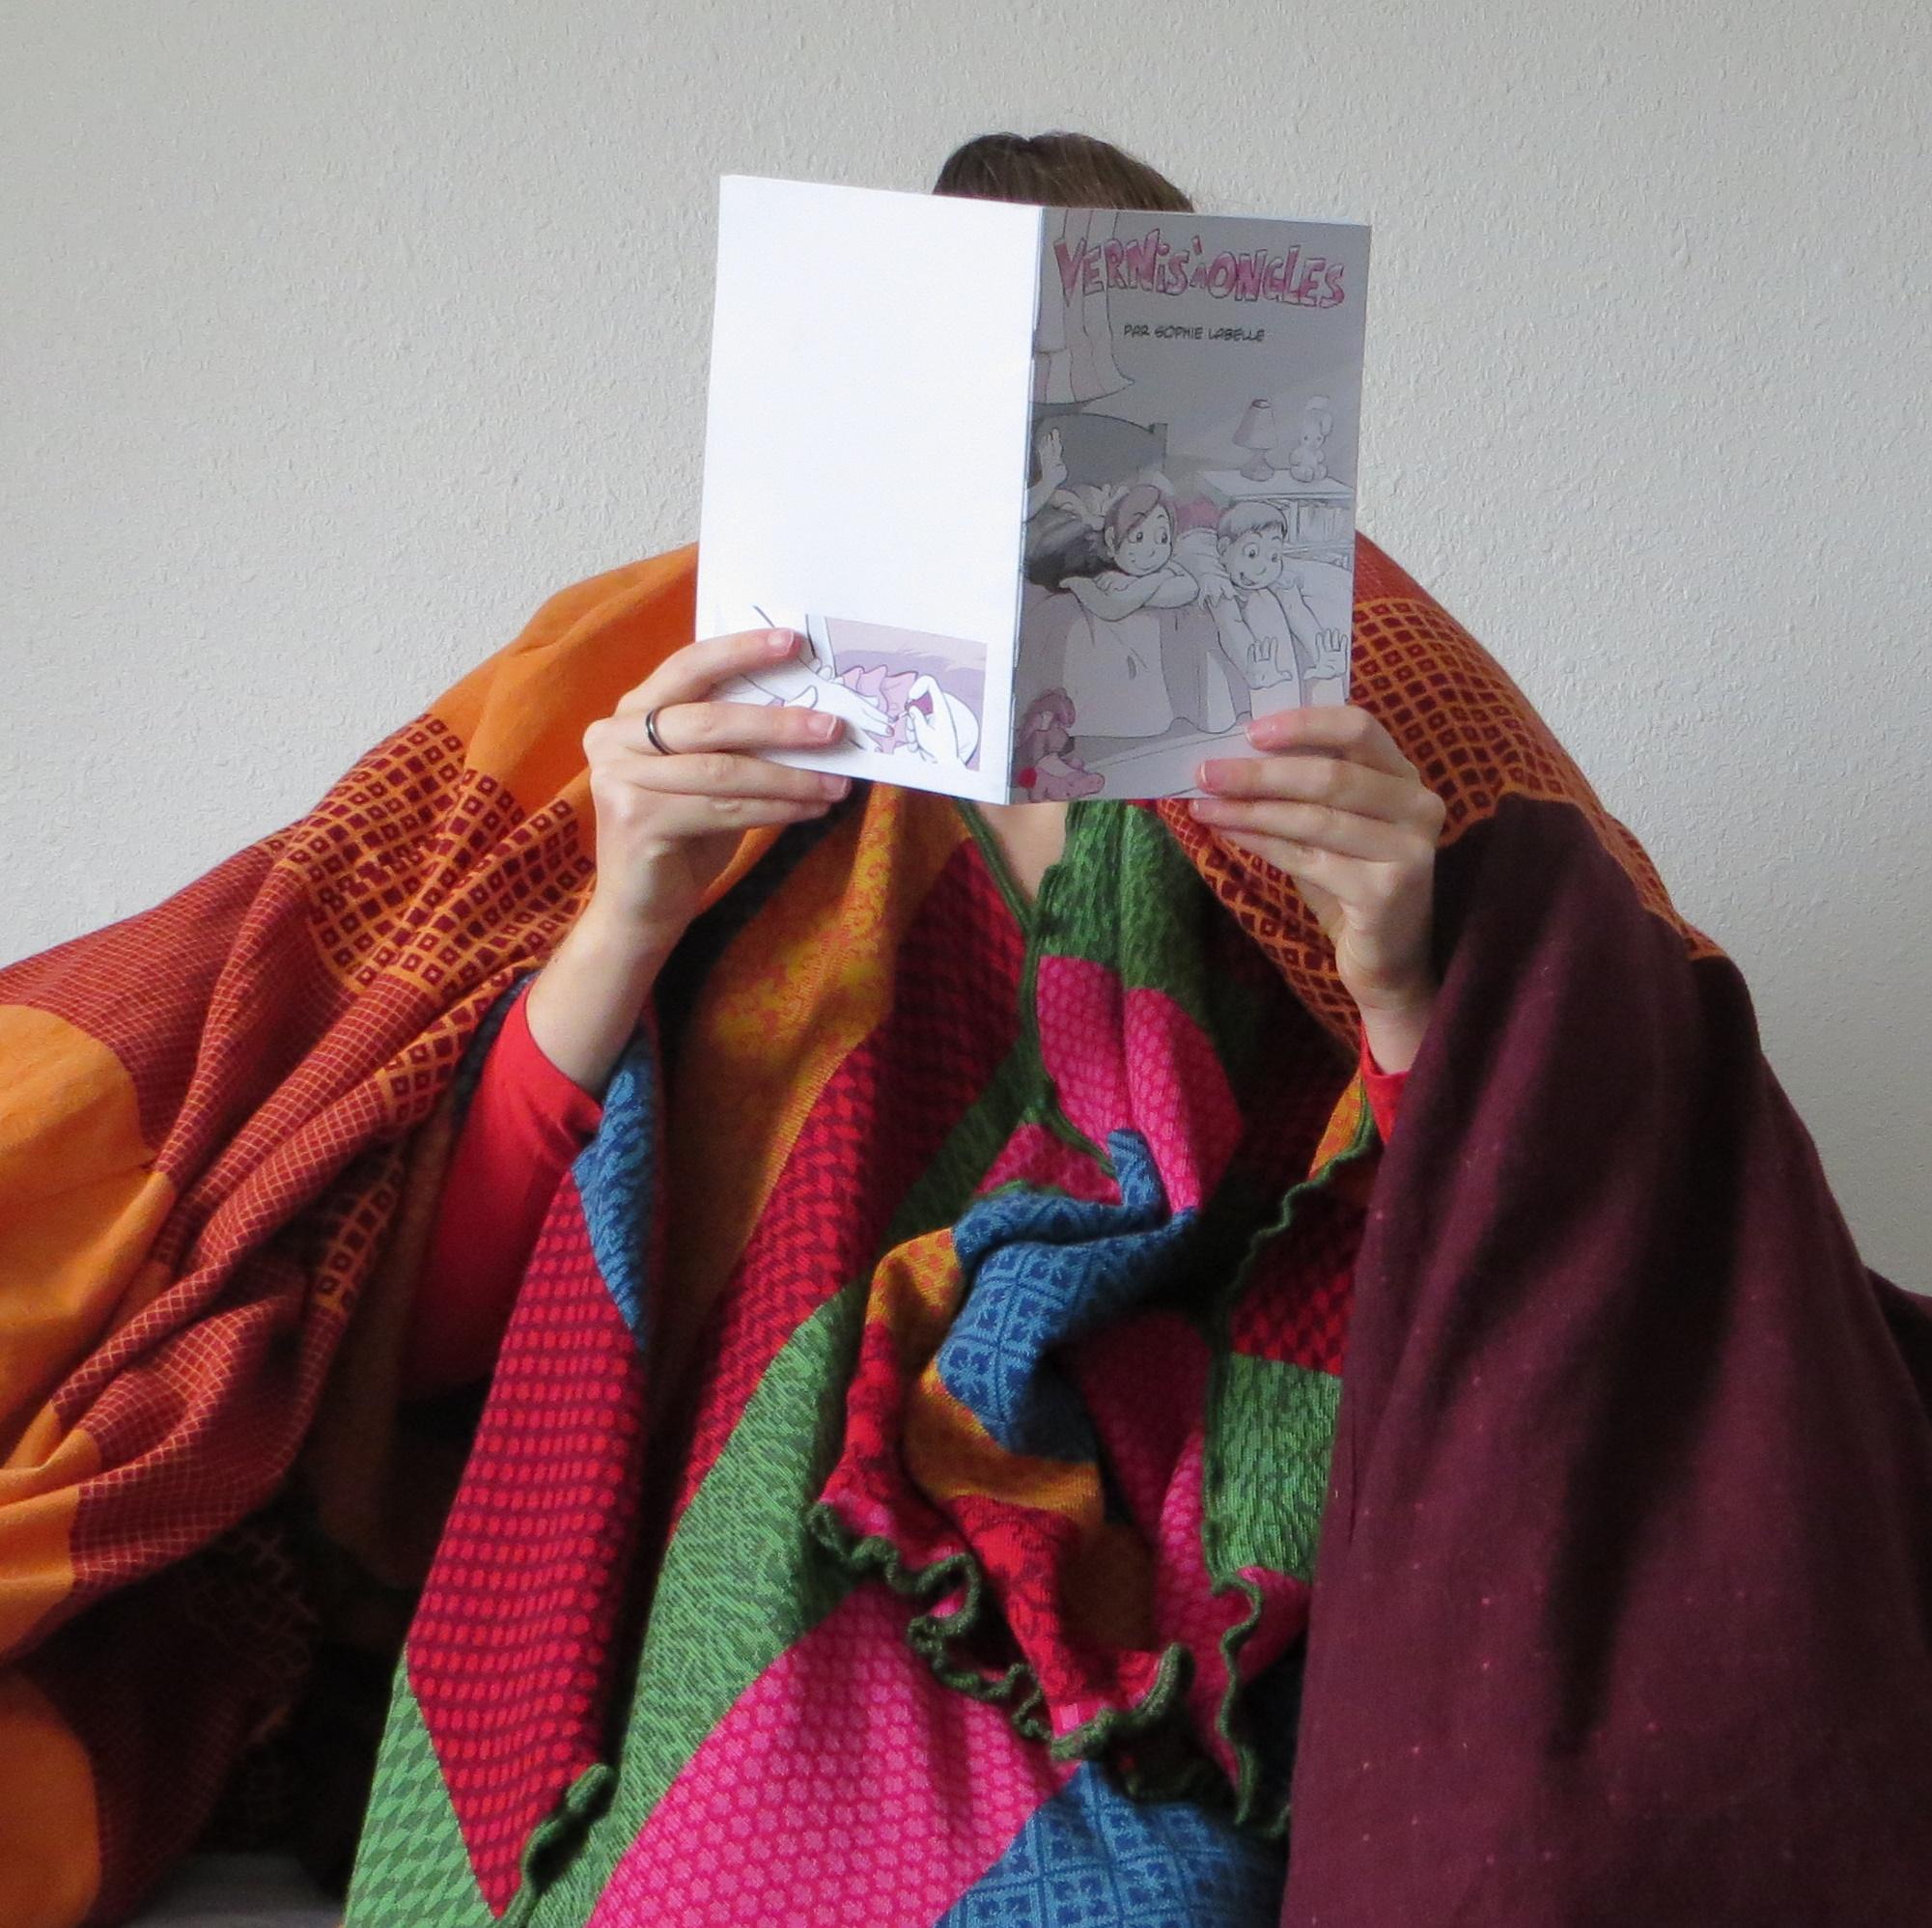 femme lisant Vernis à ongle entourée de sa couverture et d'un plaid